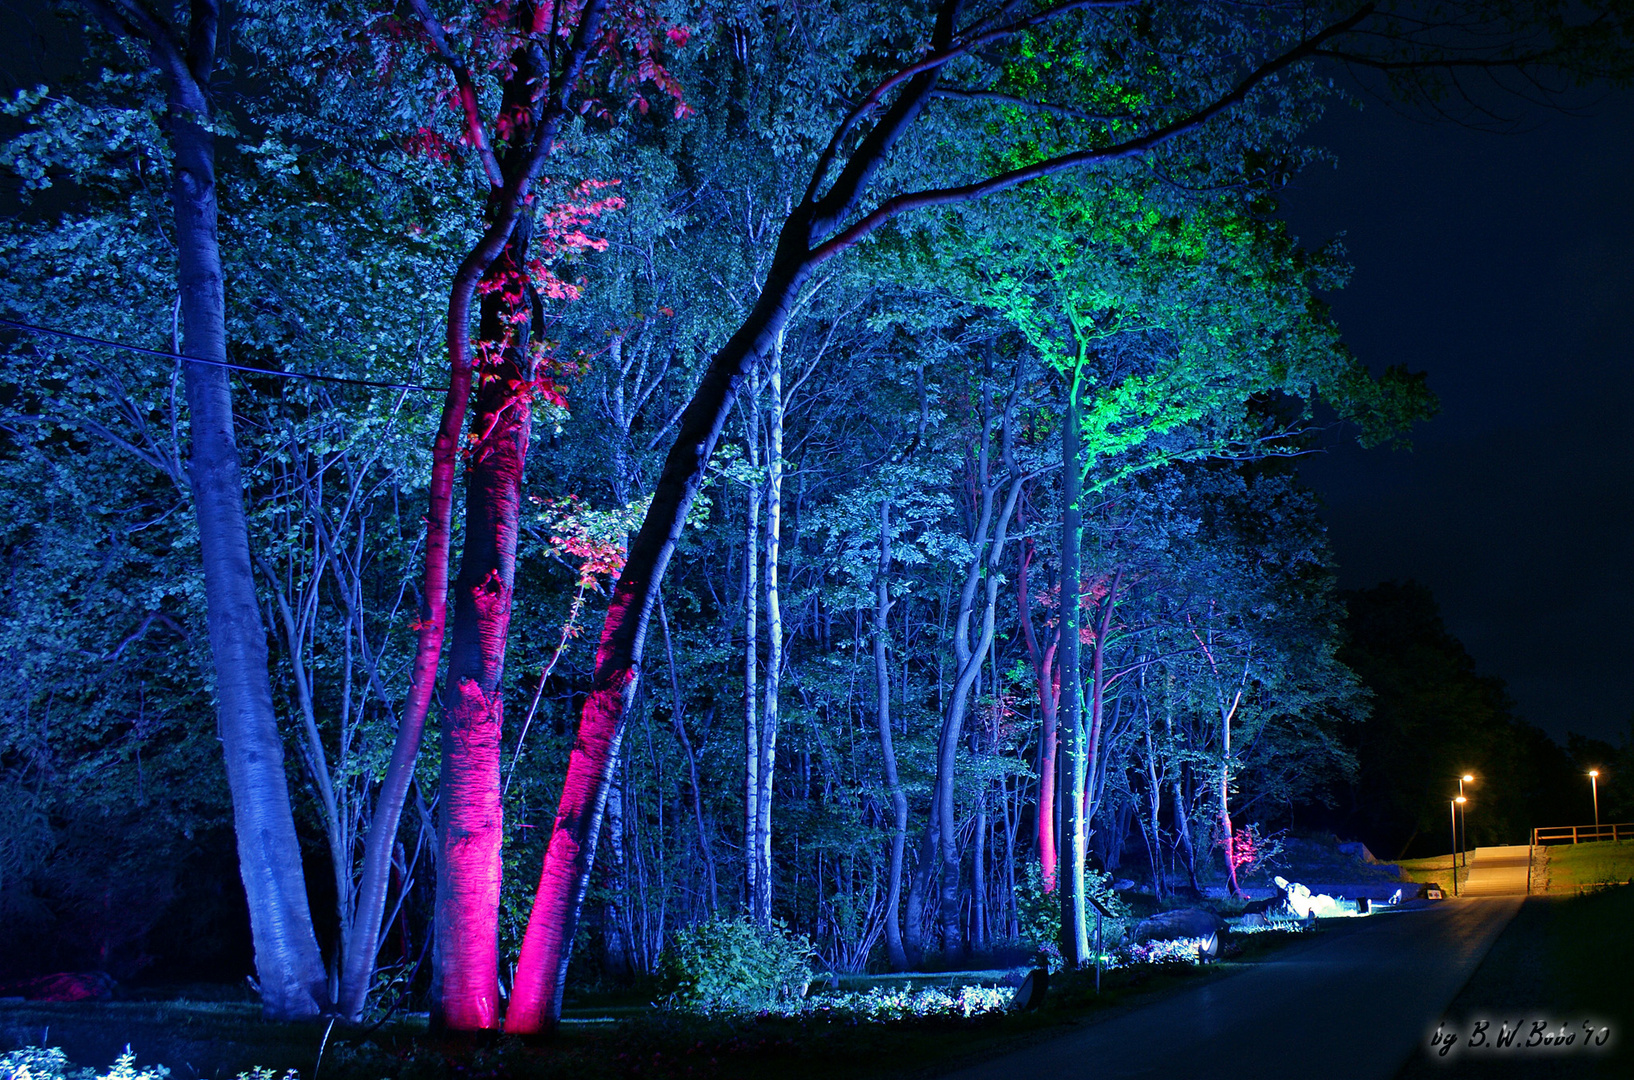 LAGA 2010 - Lichtspiel in den Bäumen